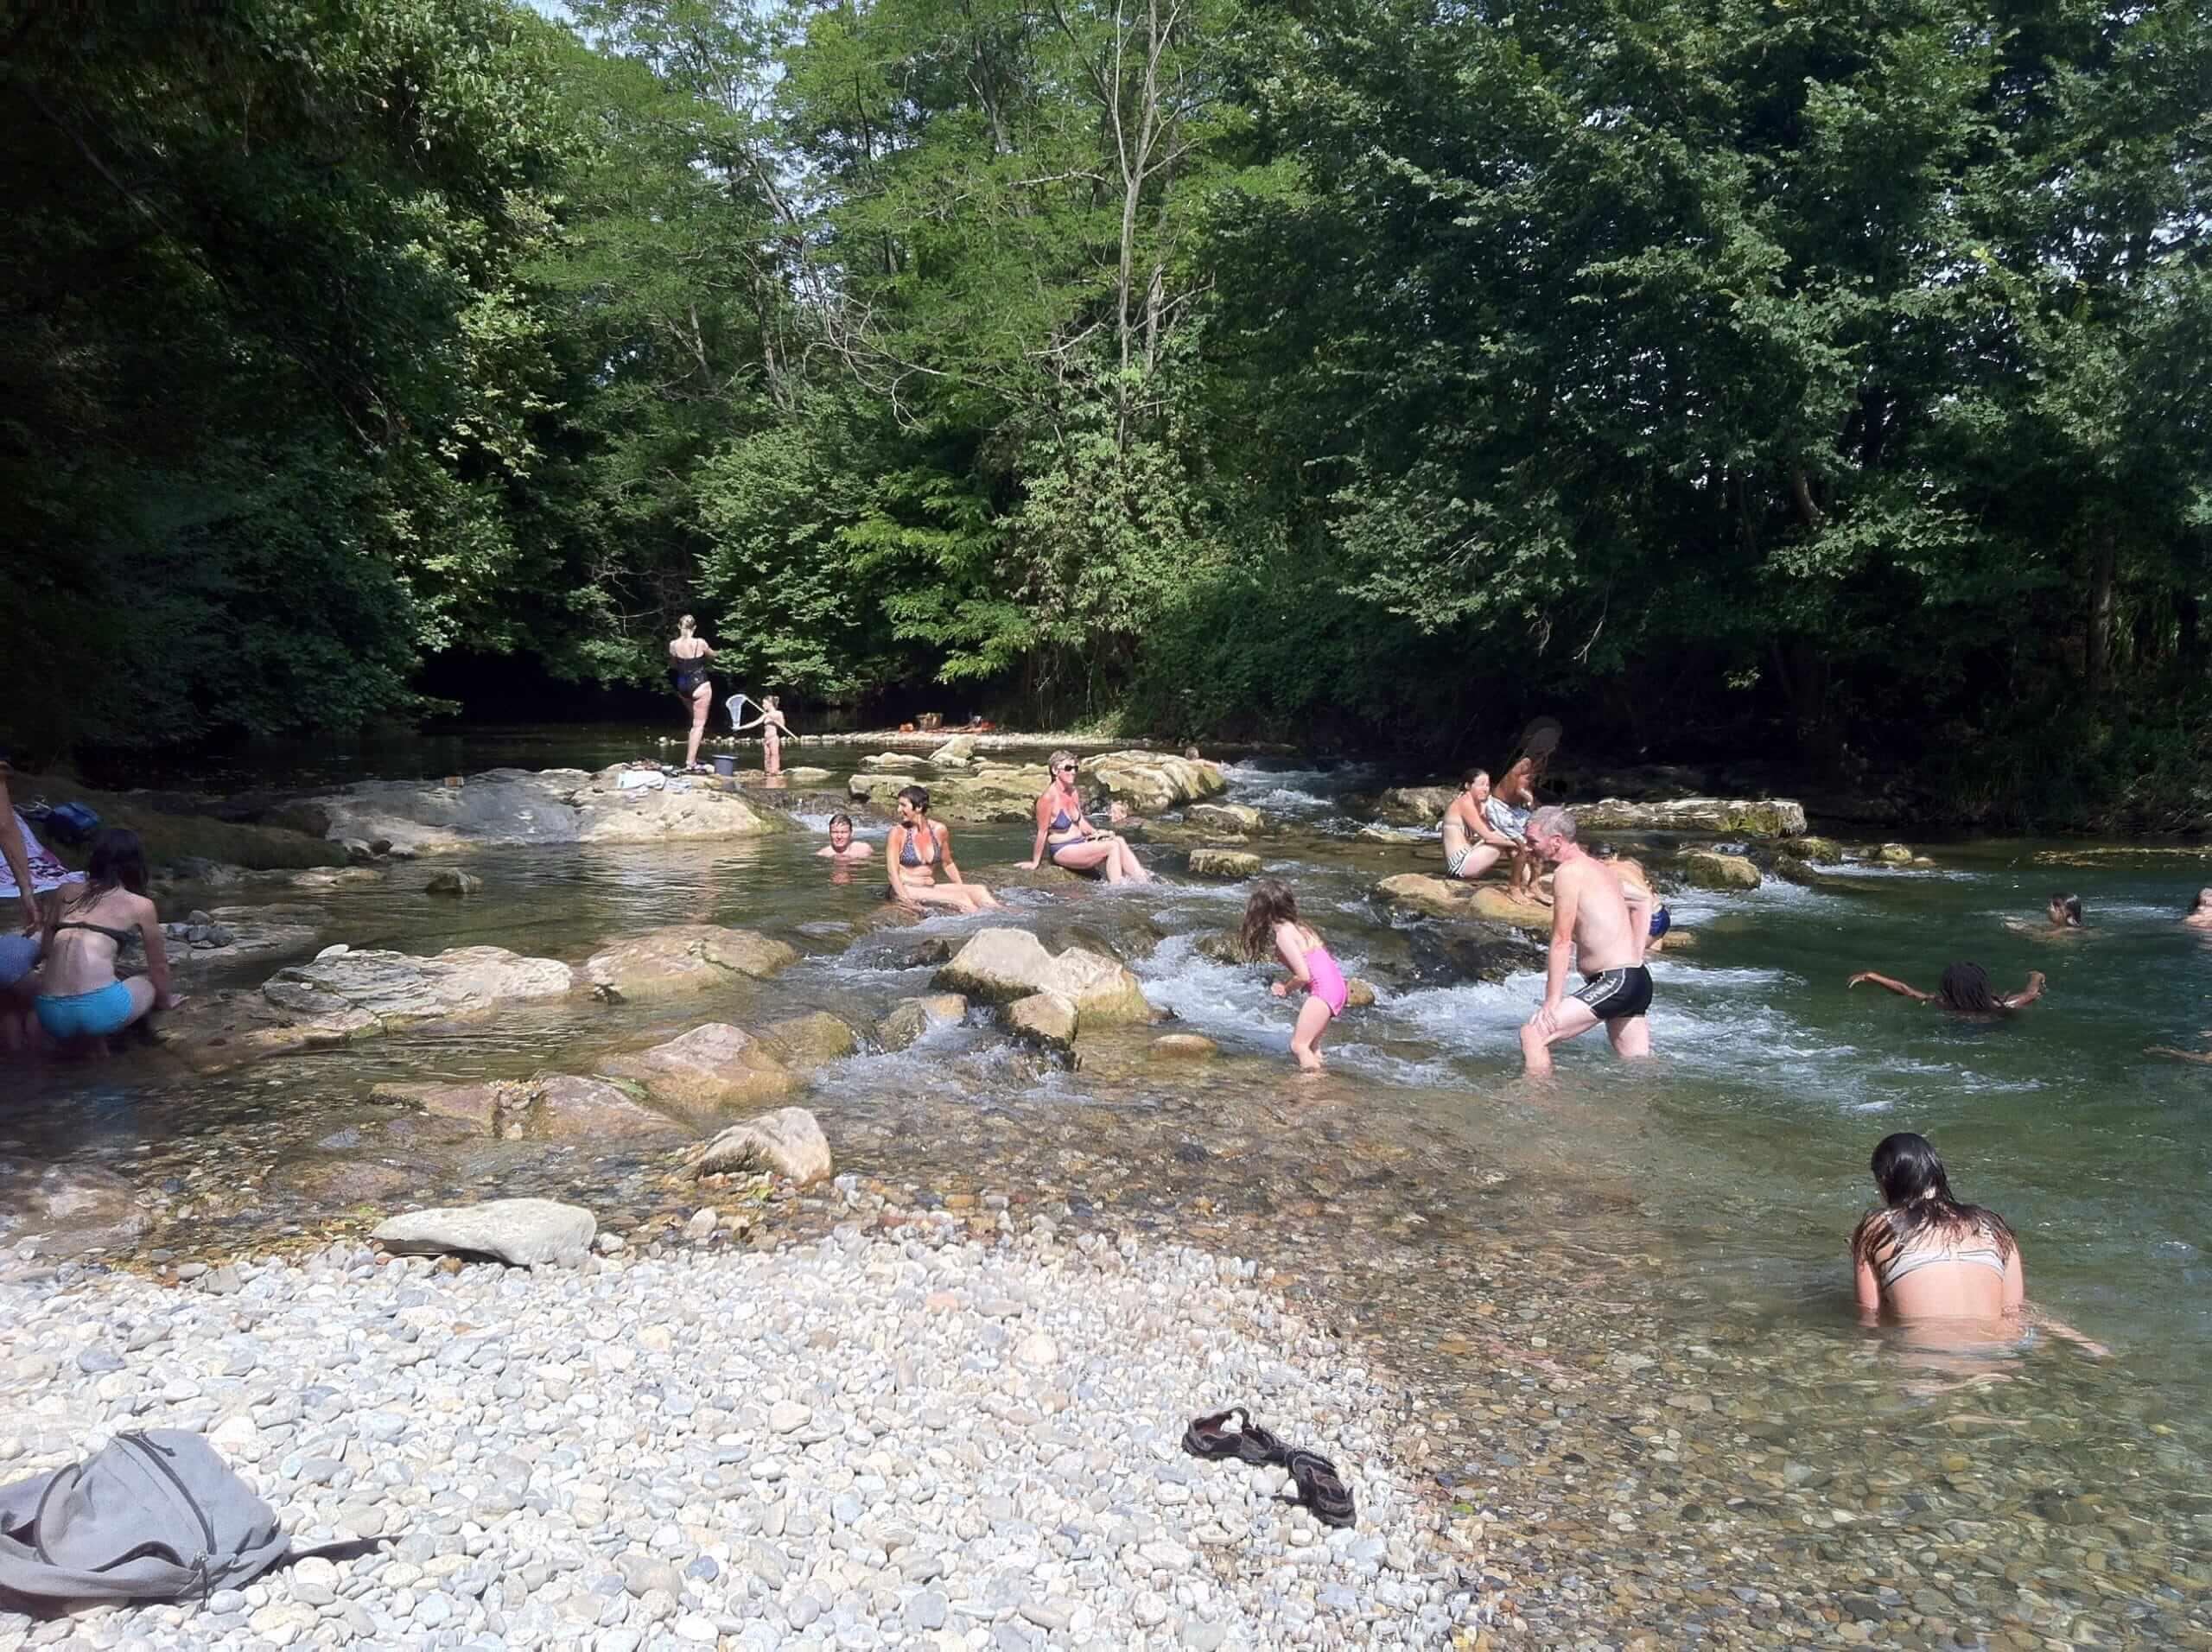 A proximité du Camping de La Besse: la rivière de l'Hers